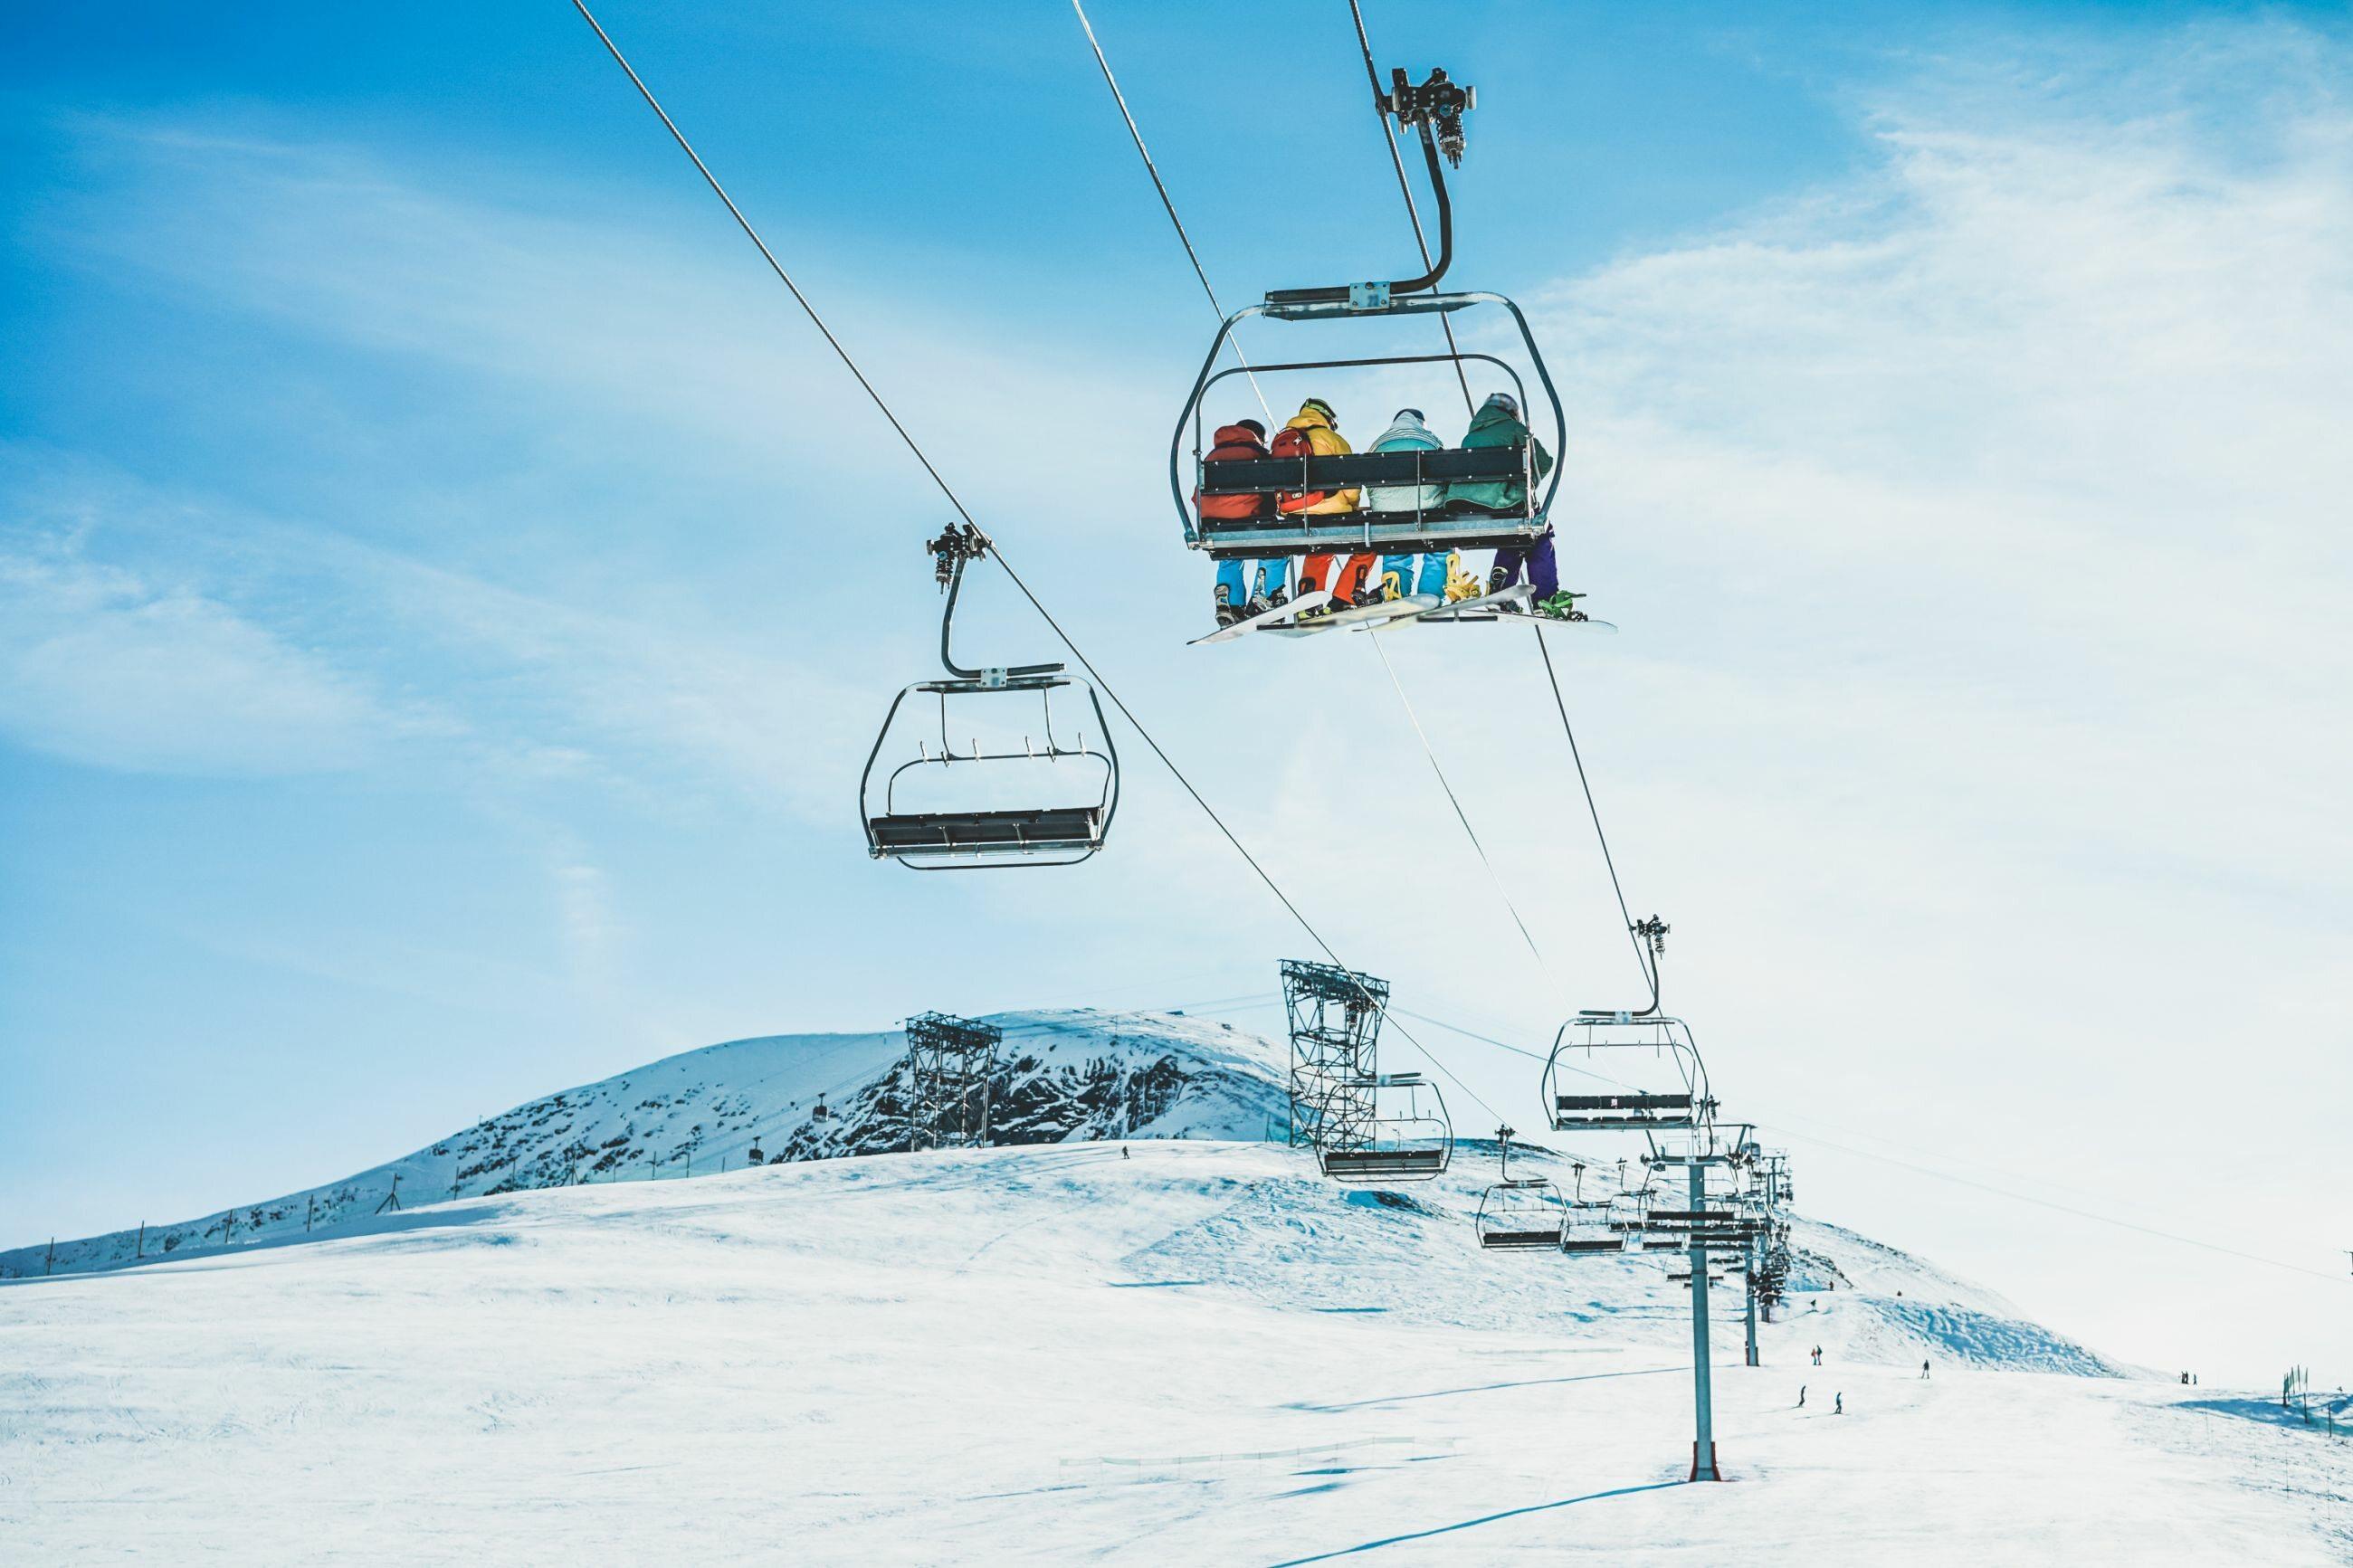 Ośrodek narciarski, zdjęcie ilustracyjne